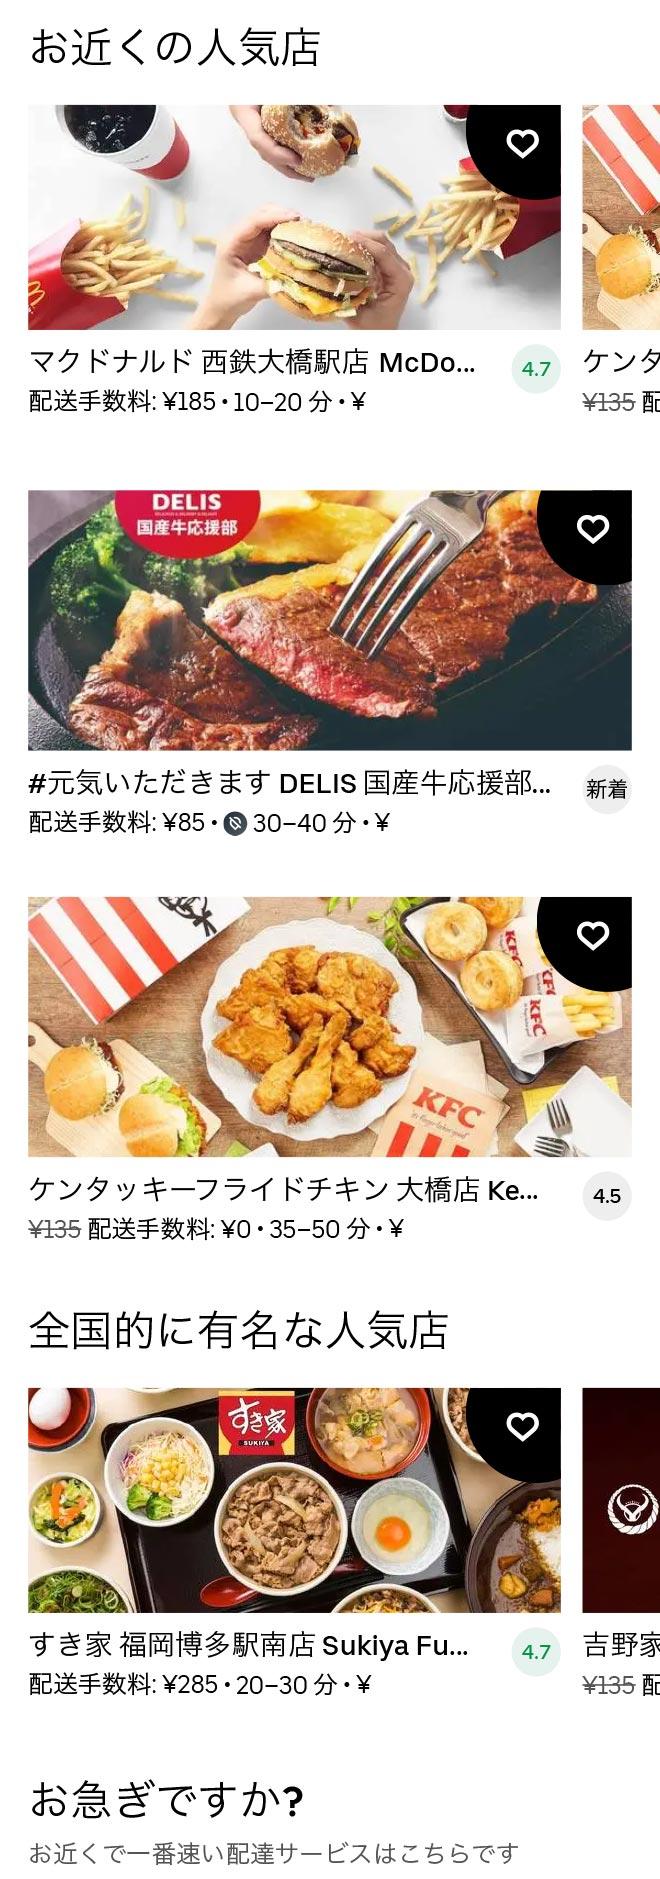 Oohashi menu 2101 01